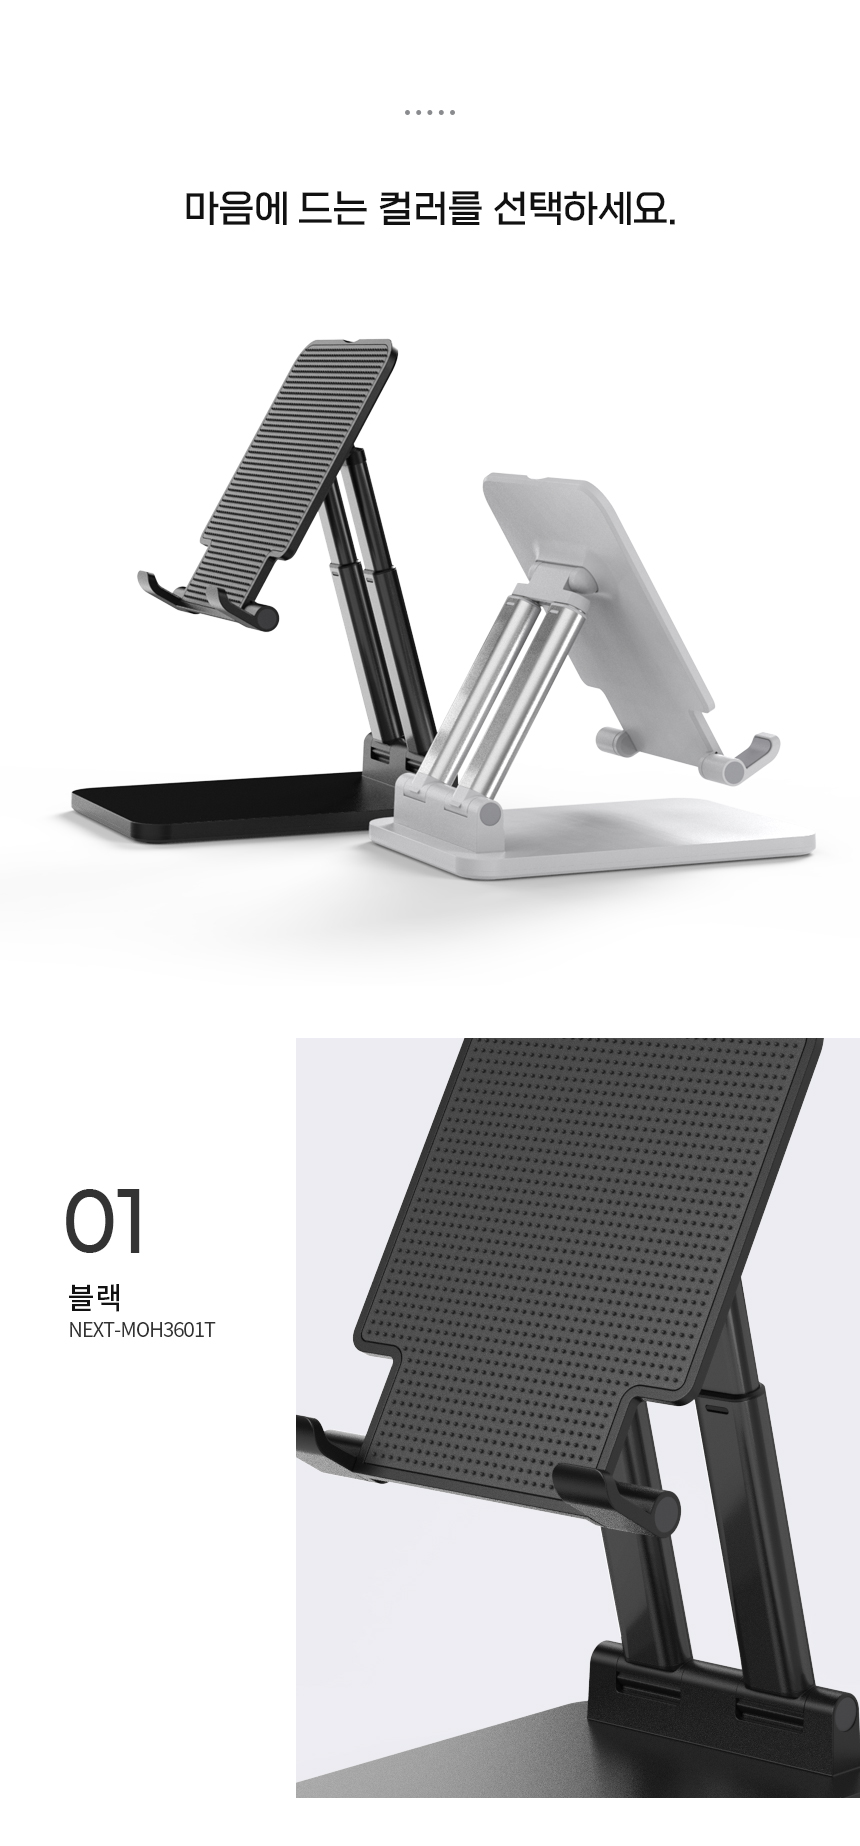 이지넷유비쿼터스 태블릿 탁상용 접이식 거치대 NEXT-MOH3601T